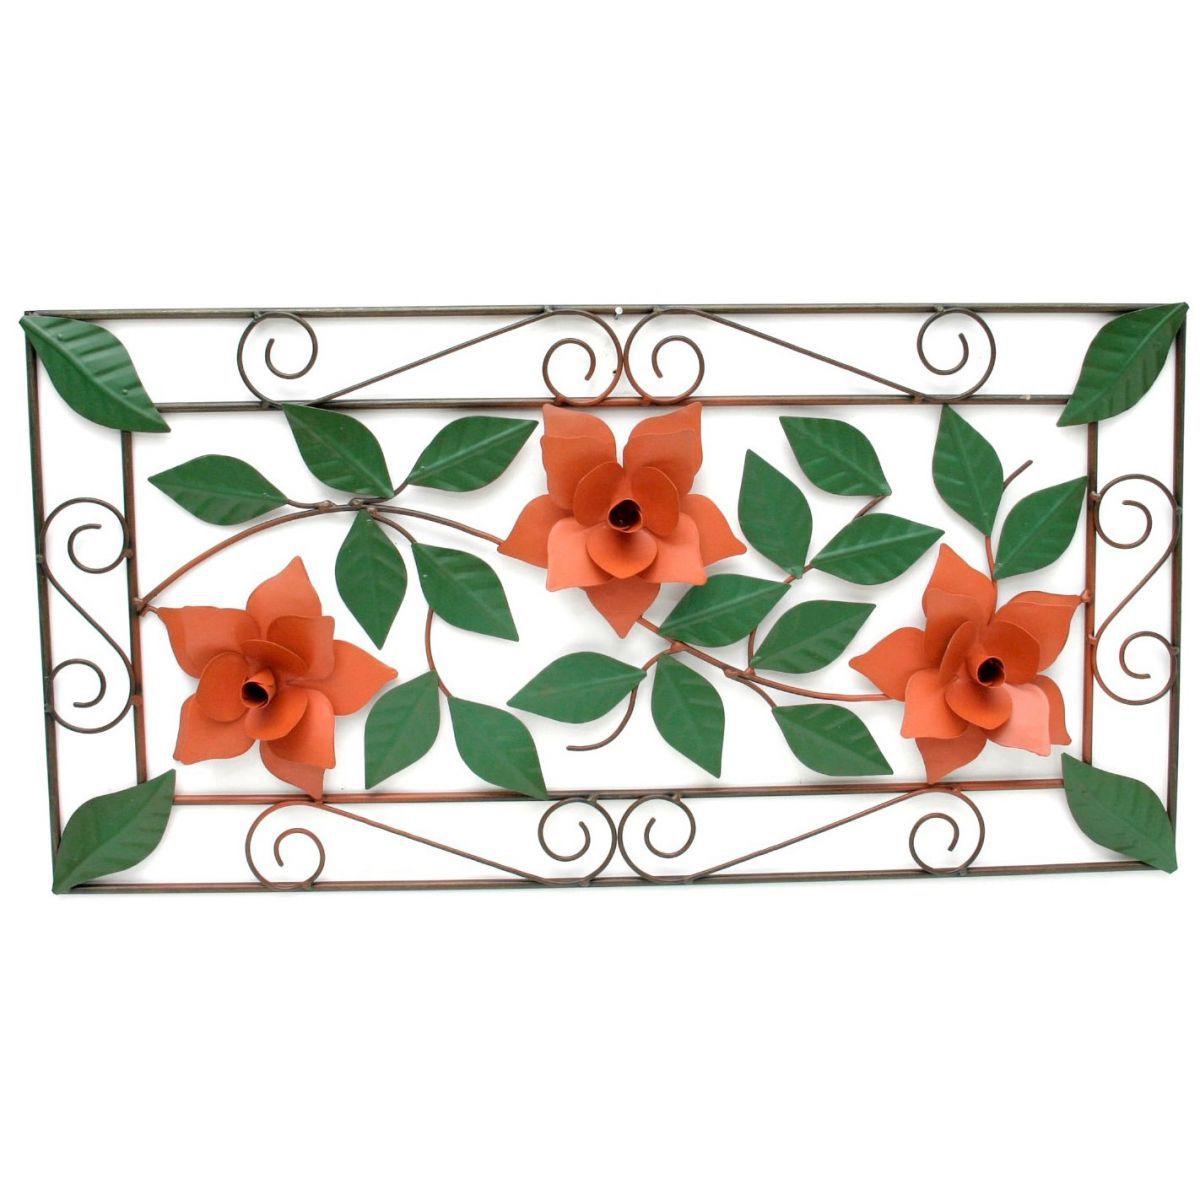 Moldura Para Sala Artesanal Rustica de Ferro com 3 Flores Decorativa